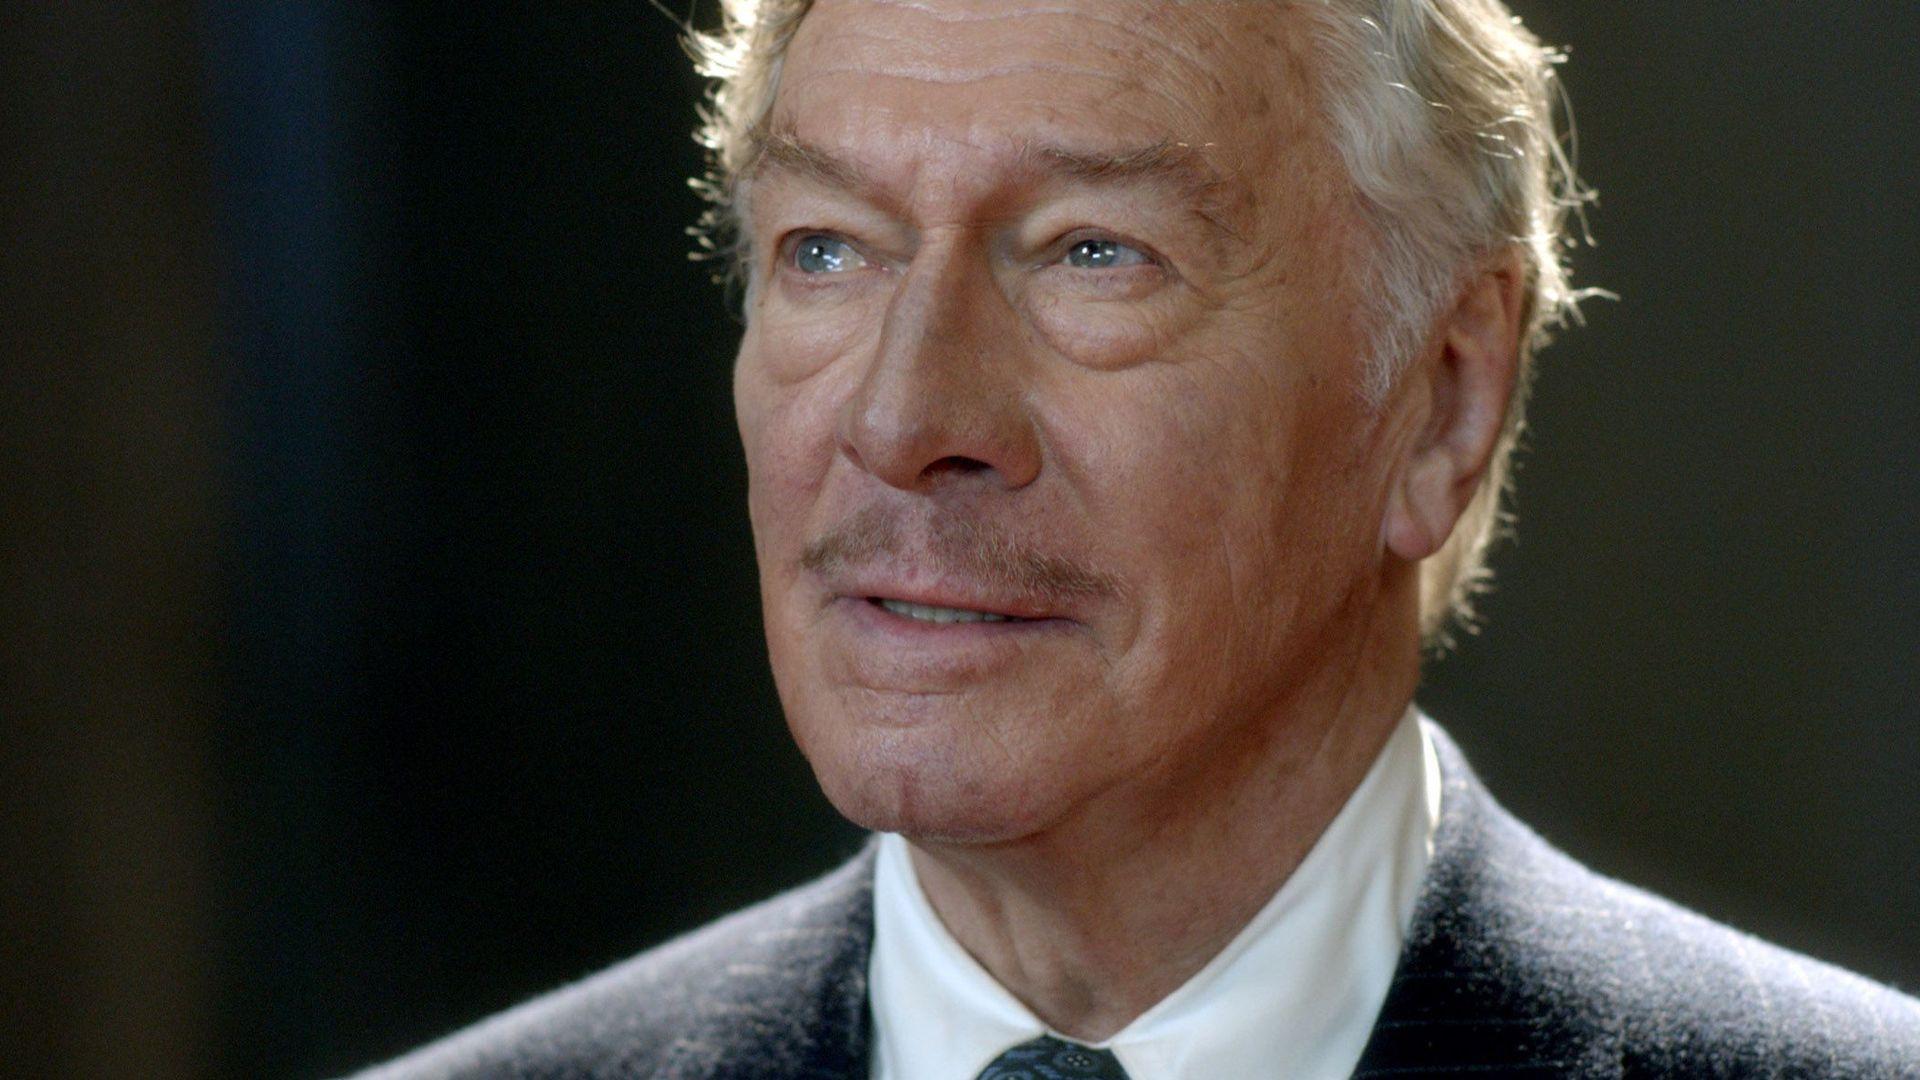 BARRYMORE, Christopher Plummer, as John Barrymore, 2011.